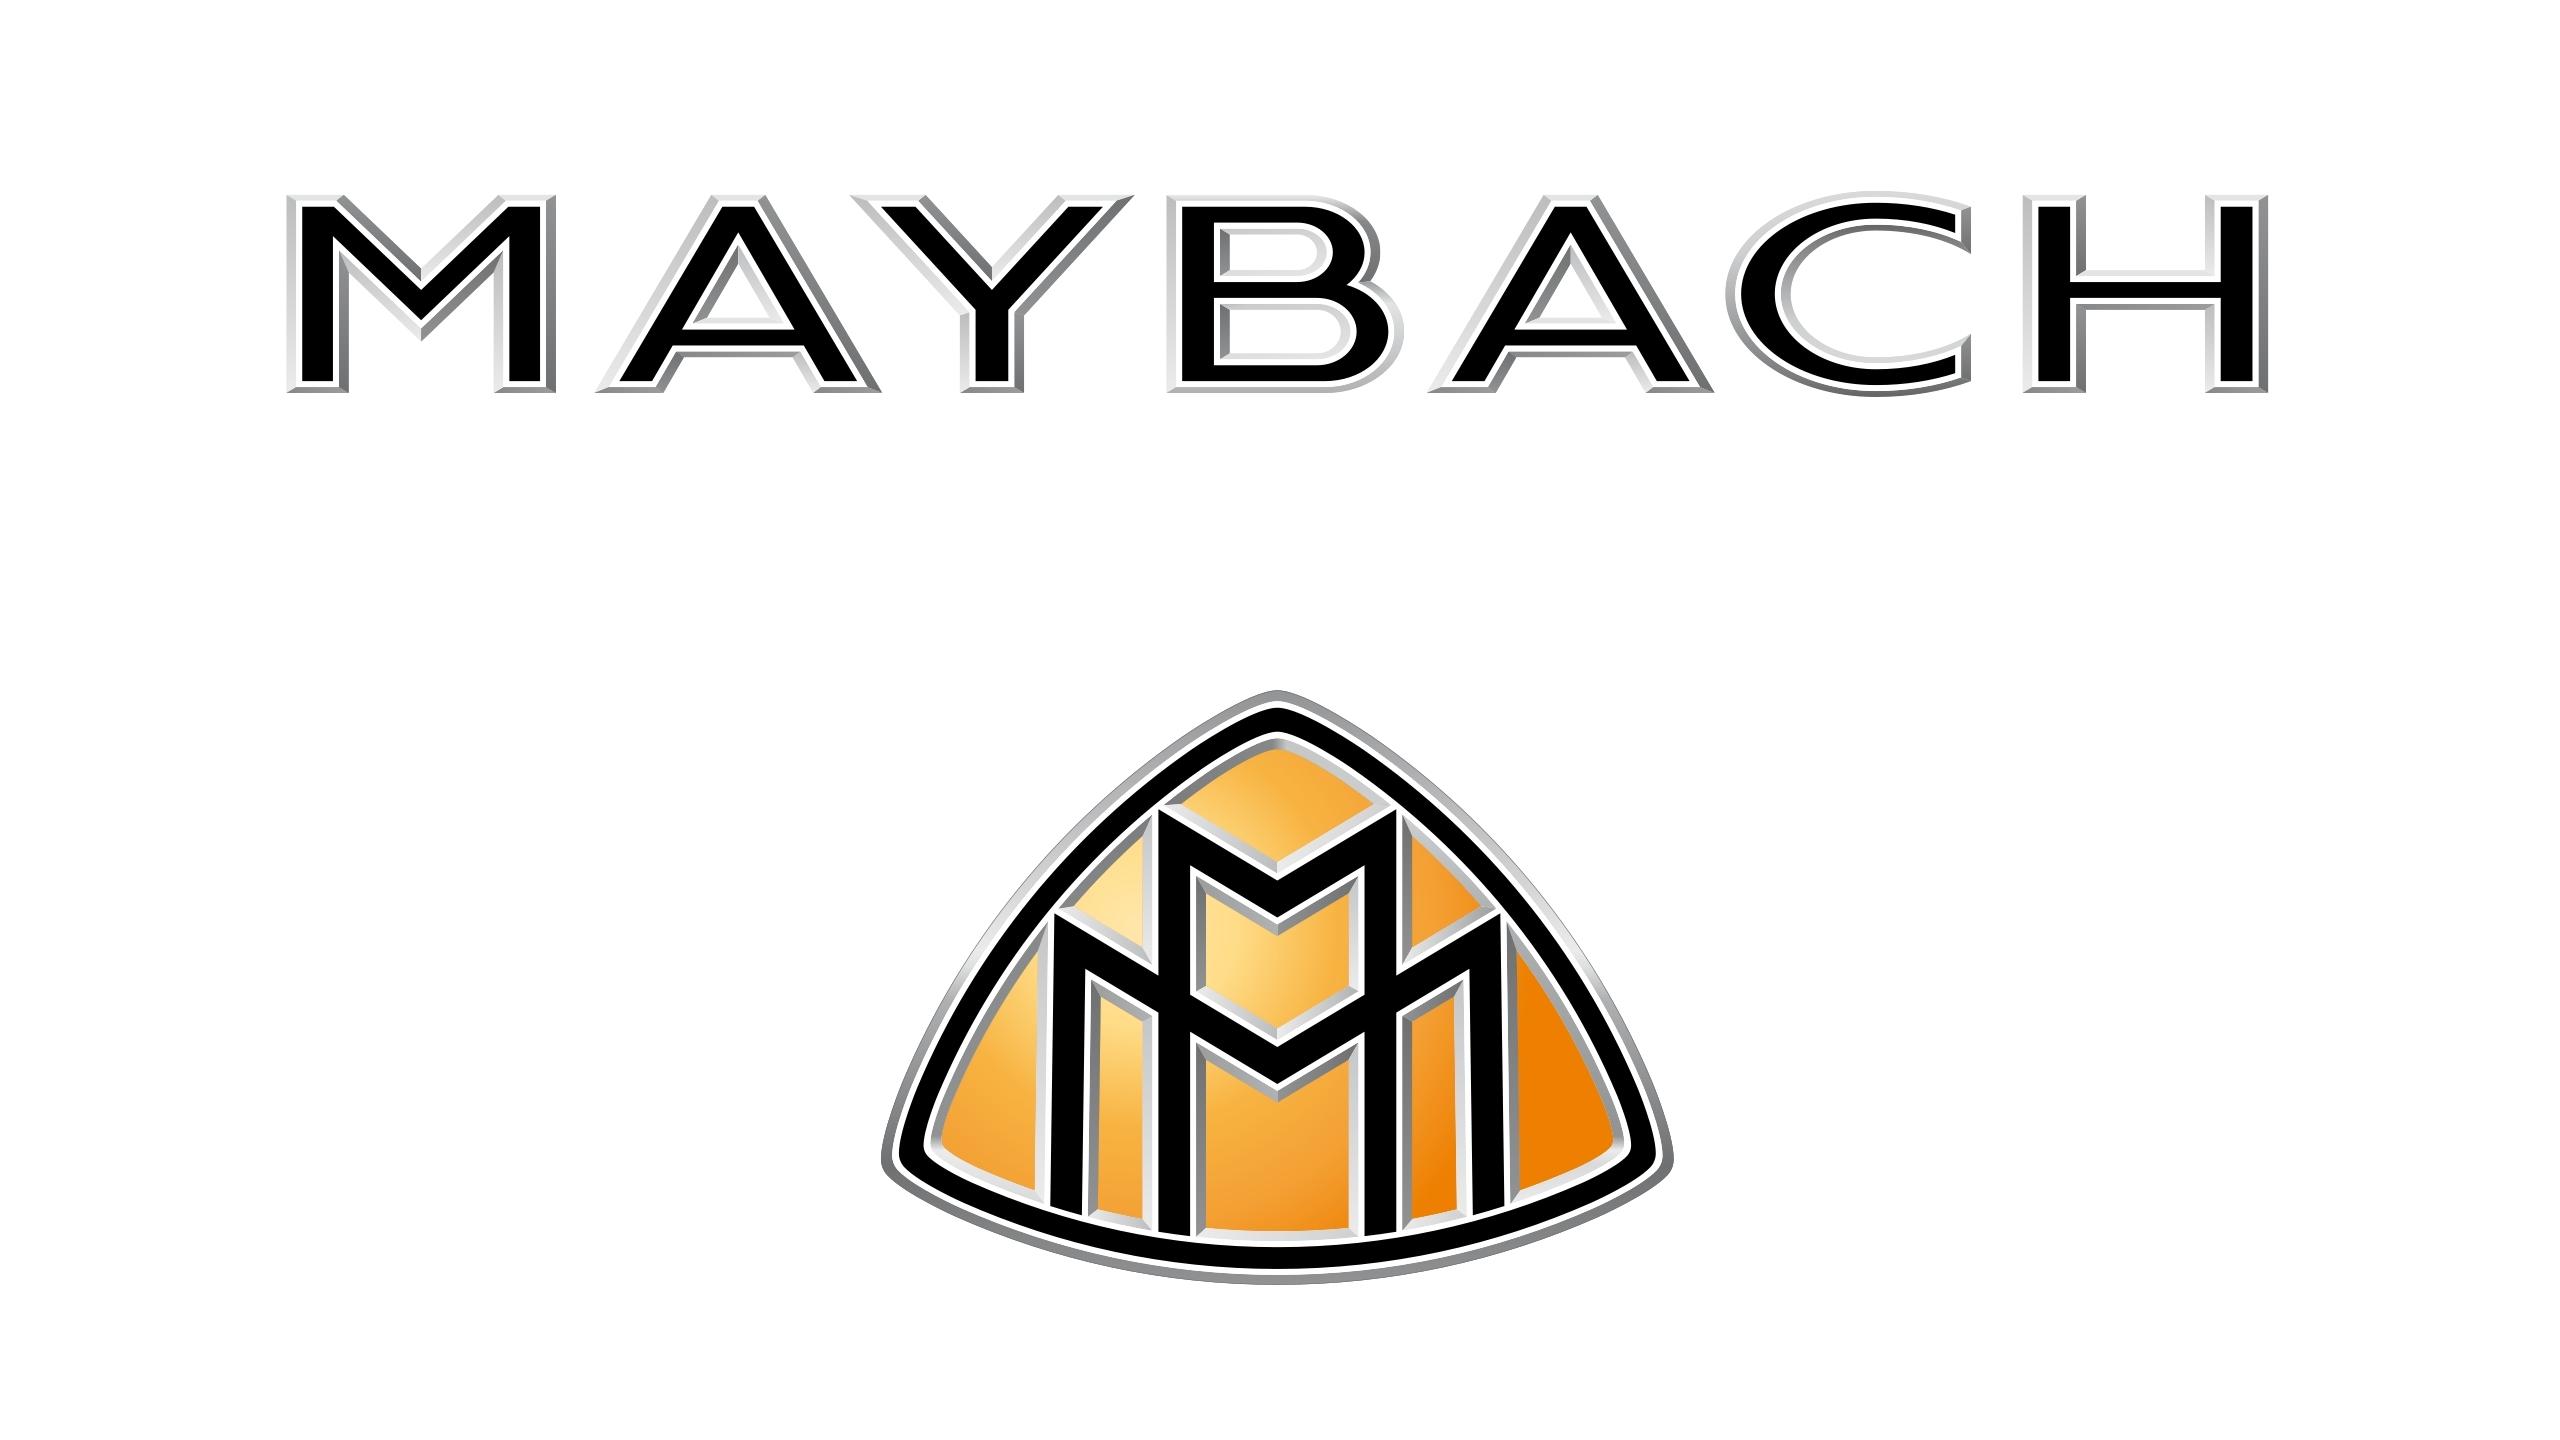 maybach logo hd png meaning information carlogosorg